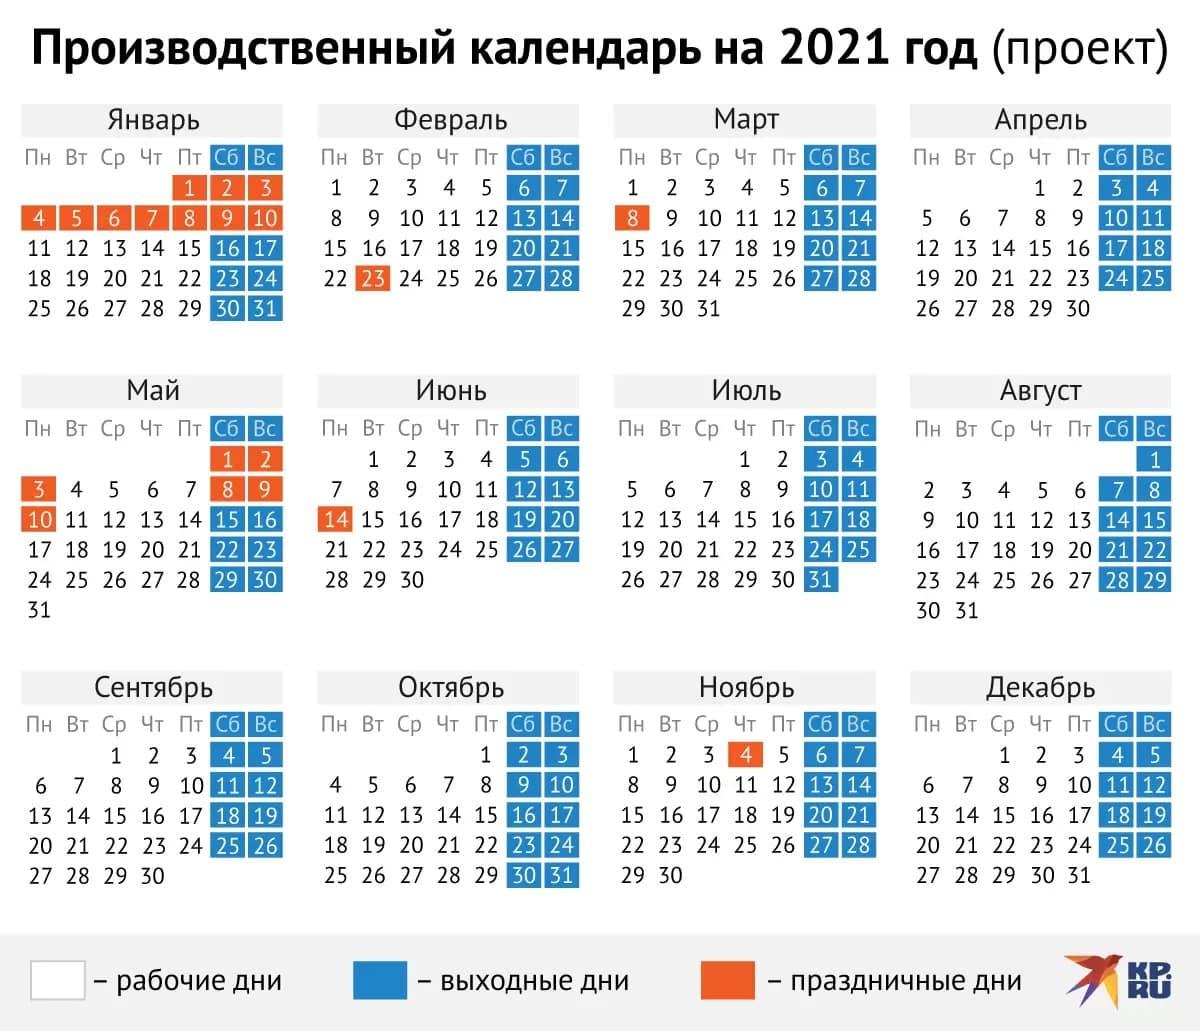 Как россияне будут отдыхать на Новый год по производственному календарю